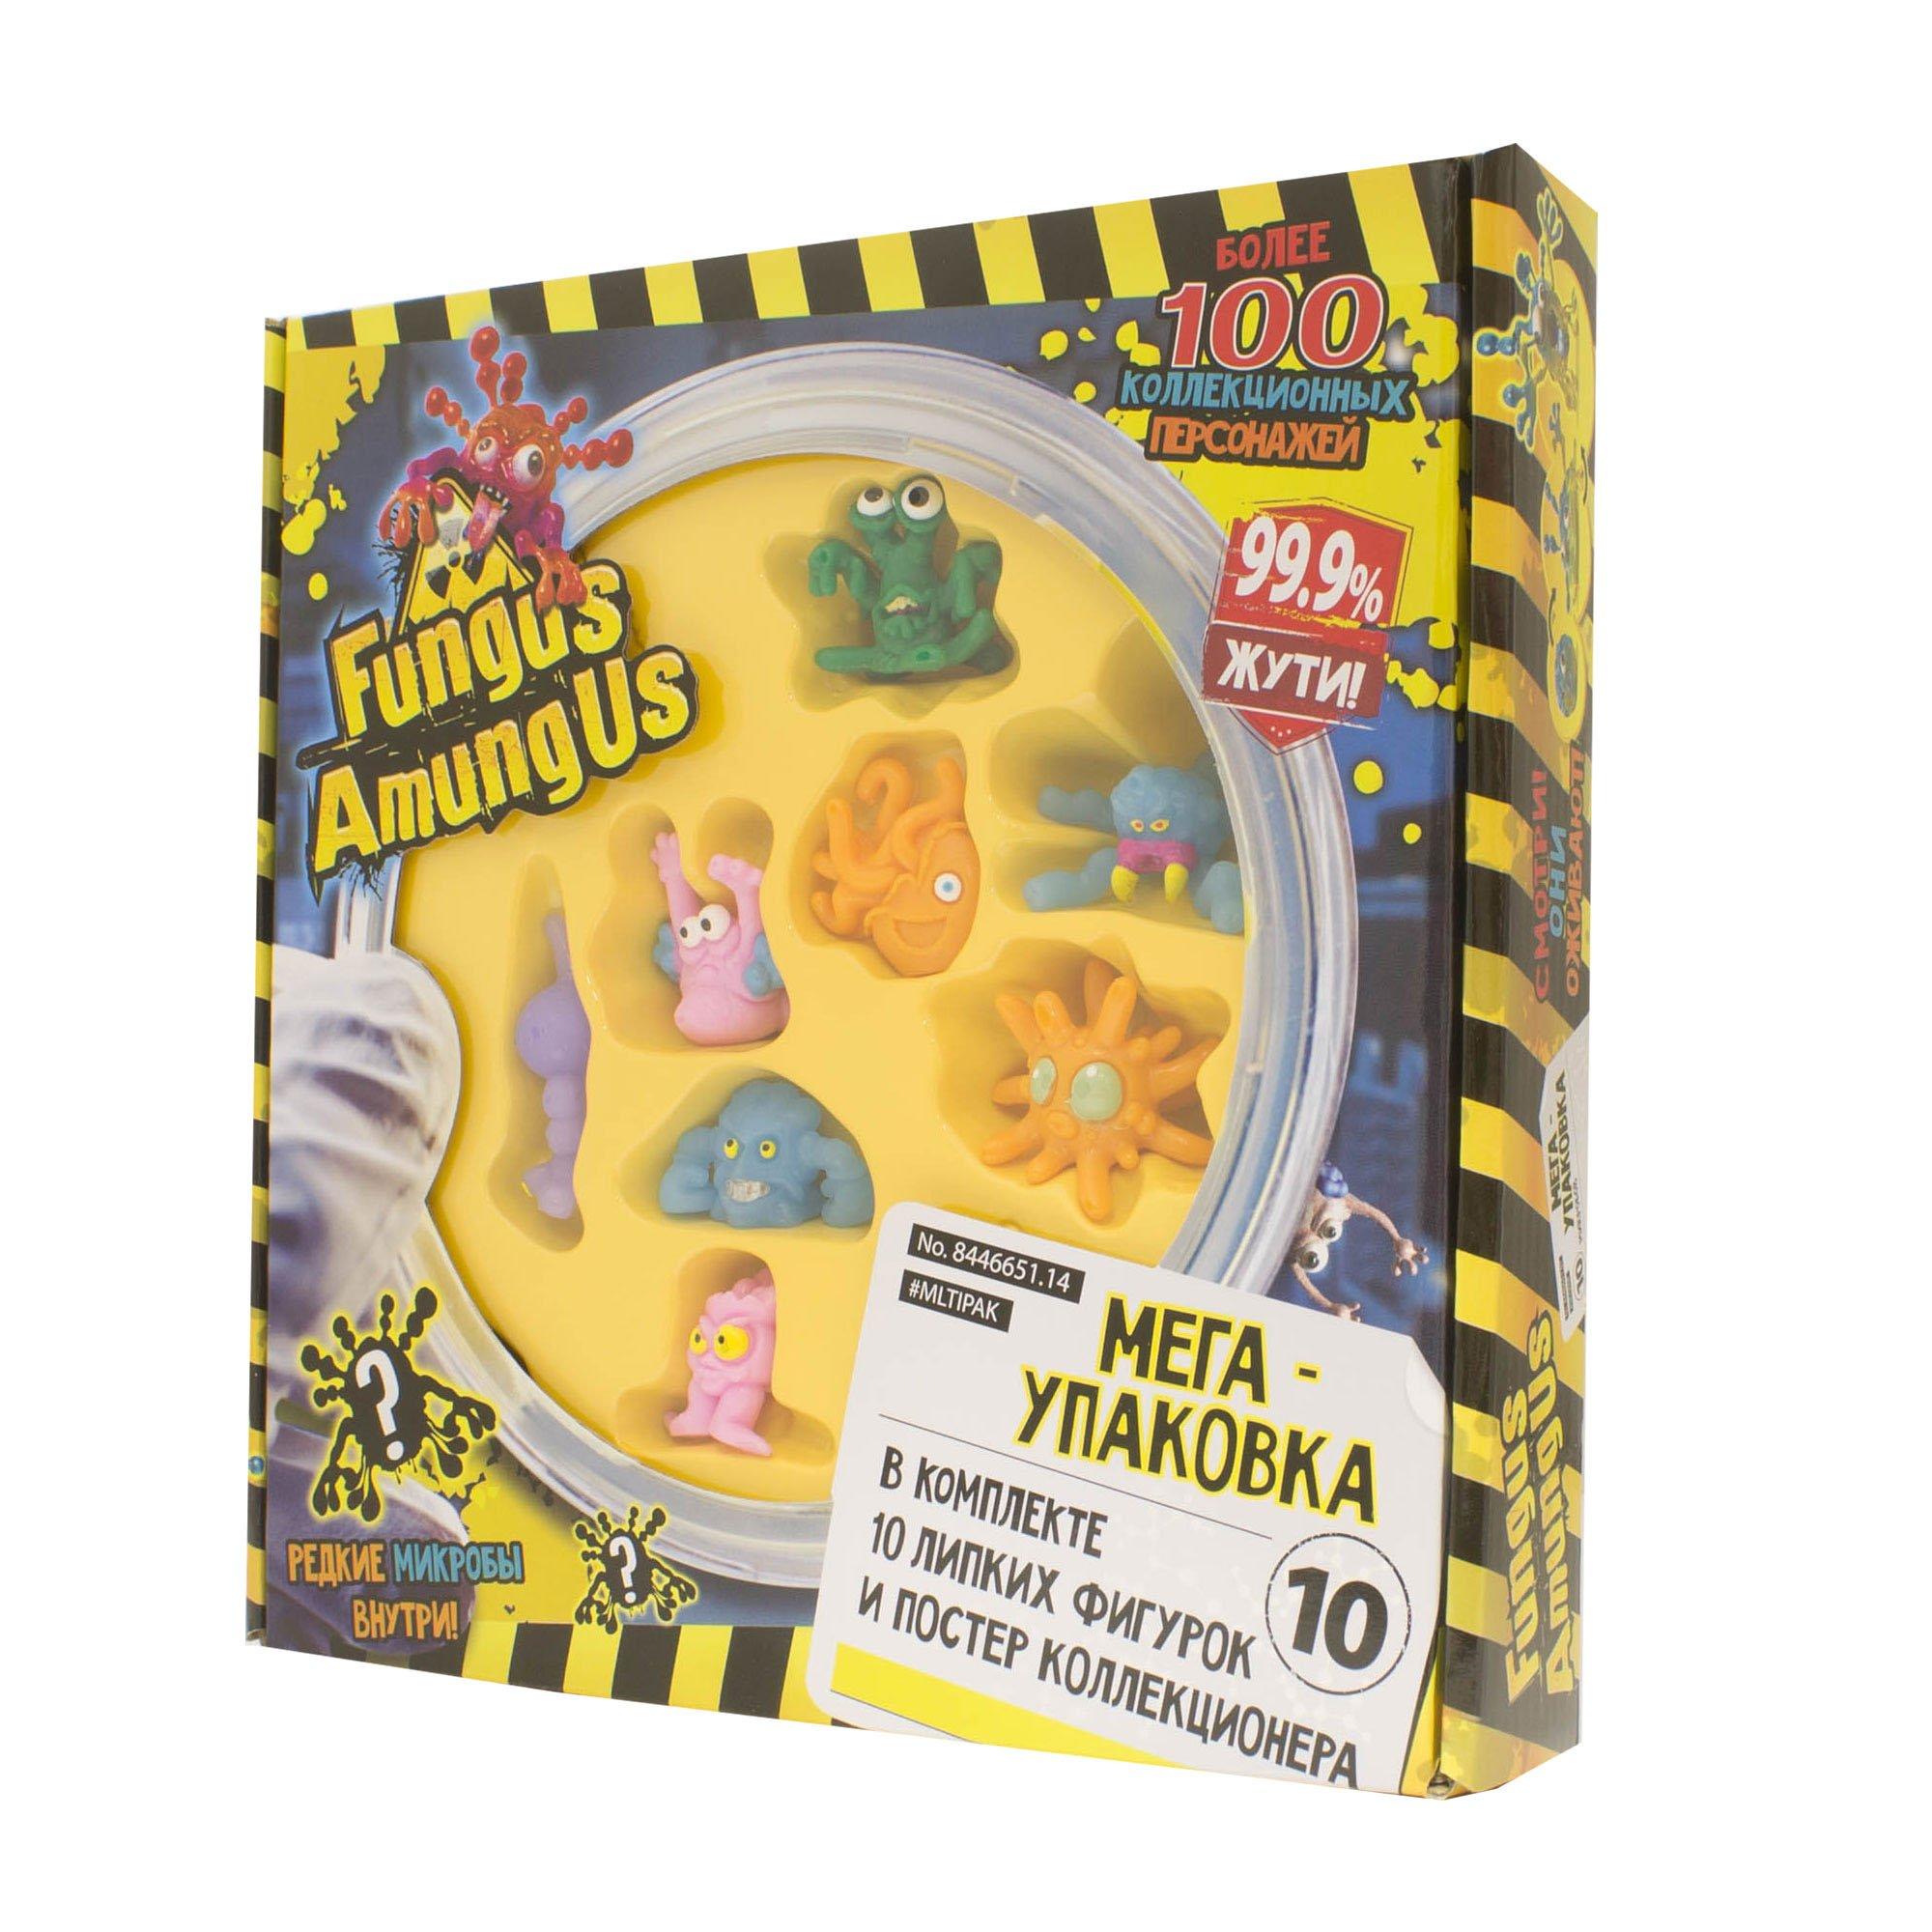 настоящее микробы игрушки фунгус амунгус картинки под гнетом